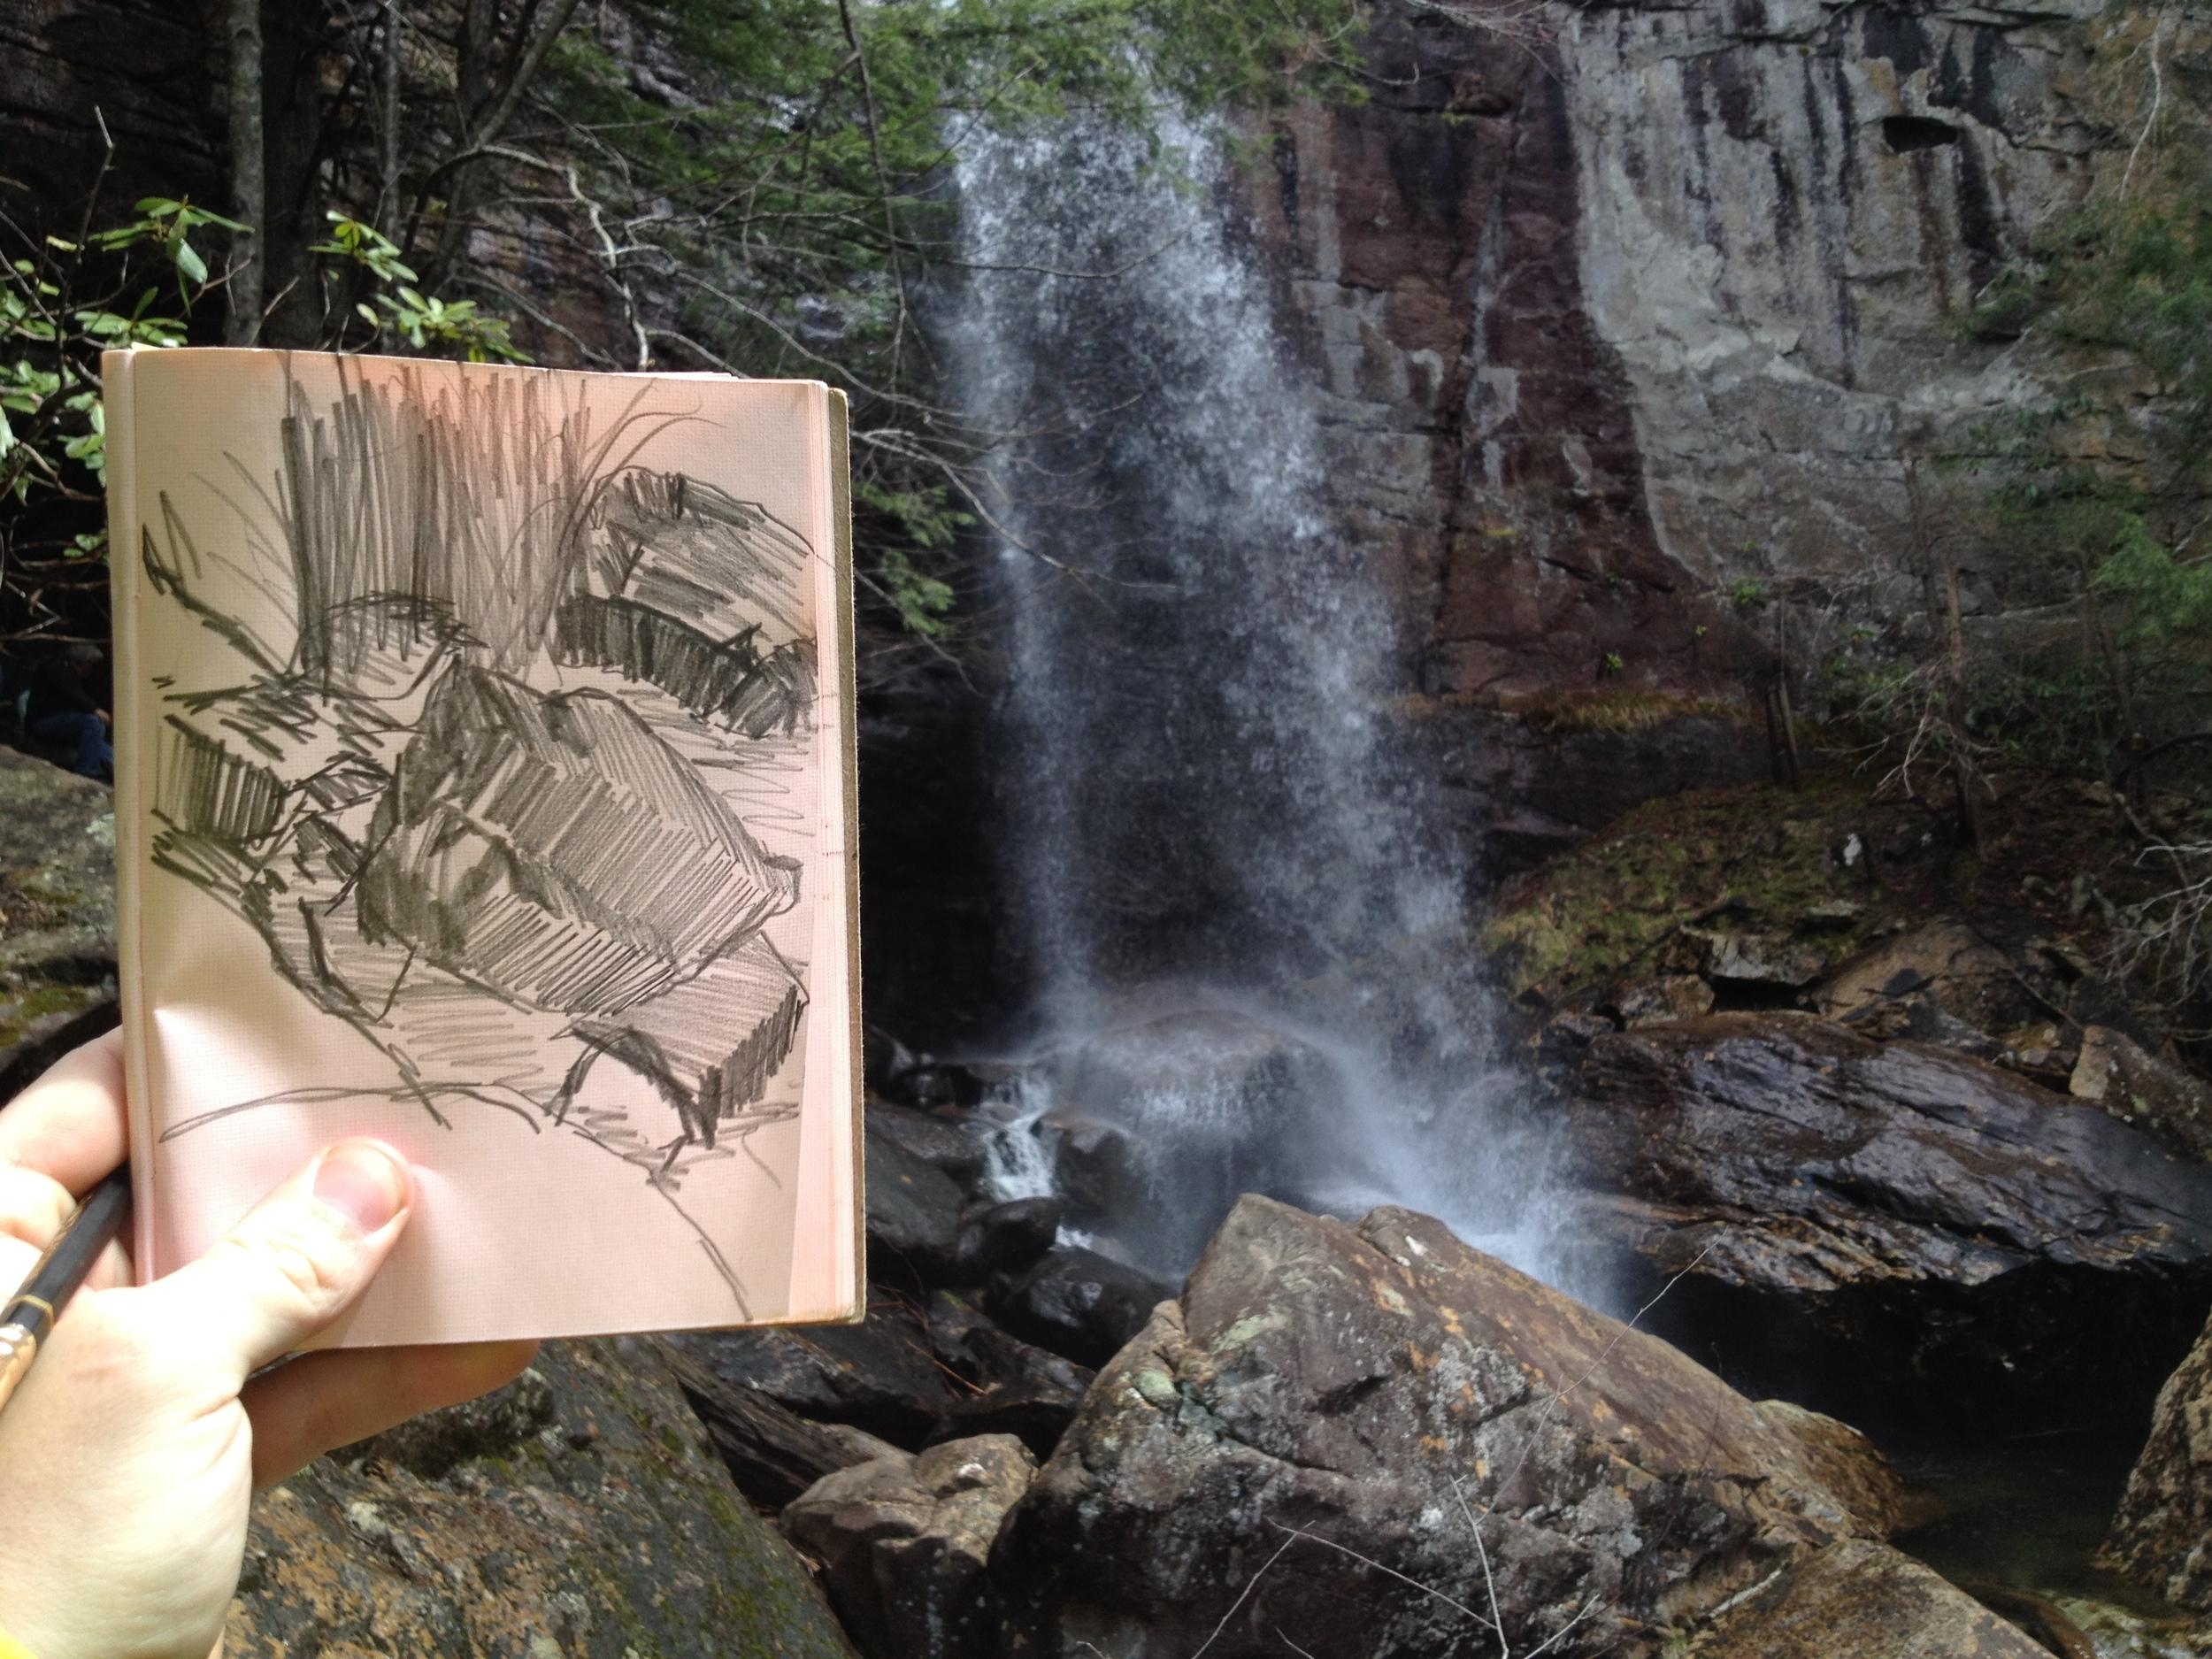 Bad Branch Falls. Photo via Sean Starowitz